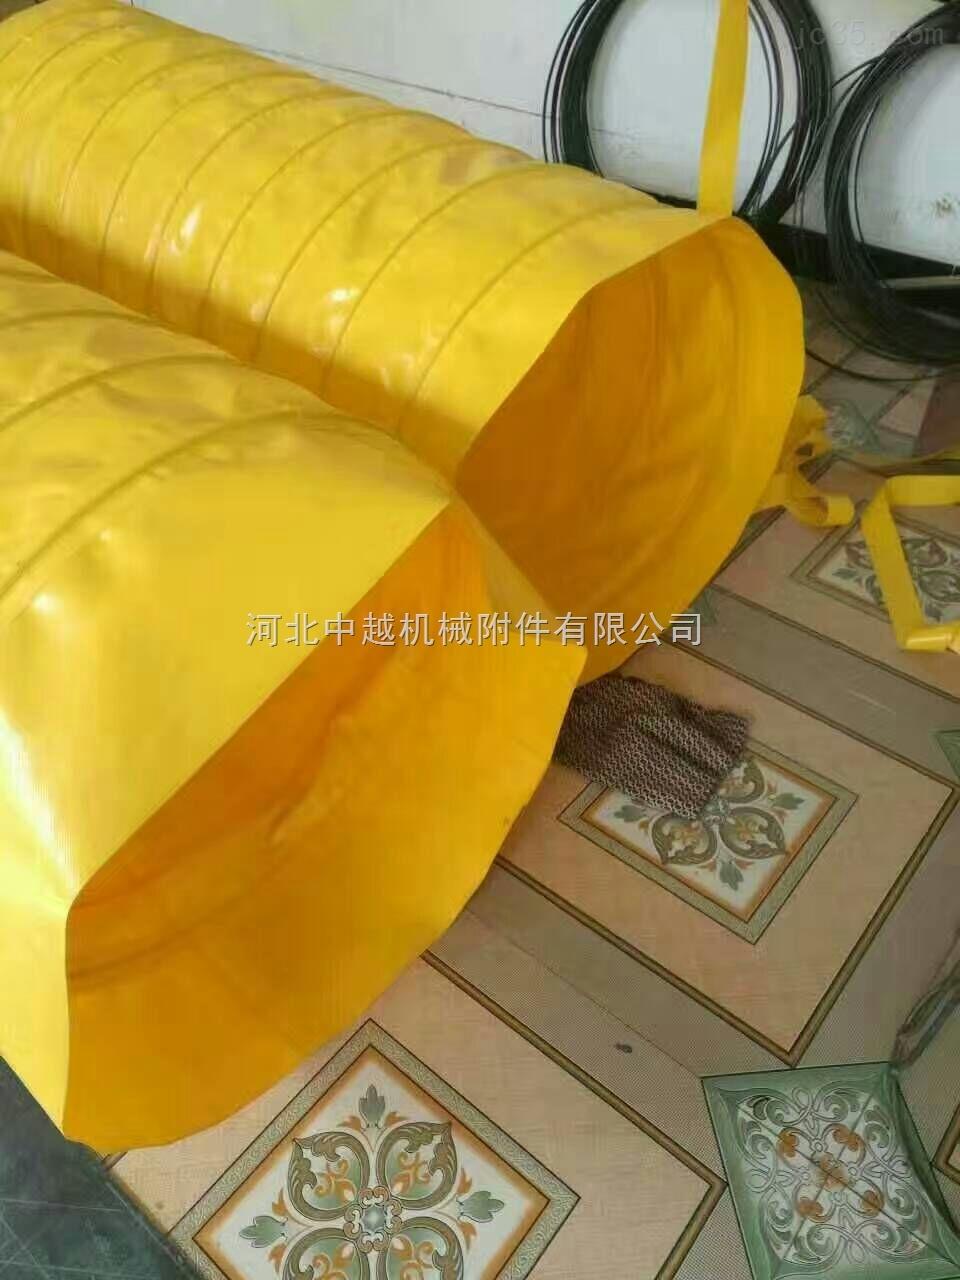 机械设备耐温防油伸缩式丝杠保护套